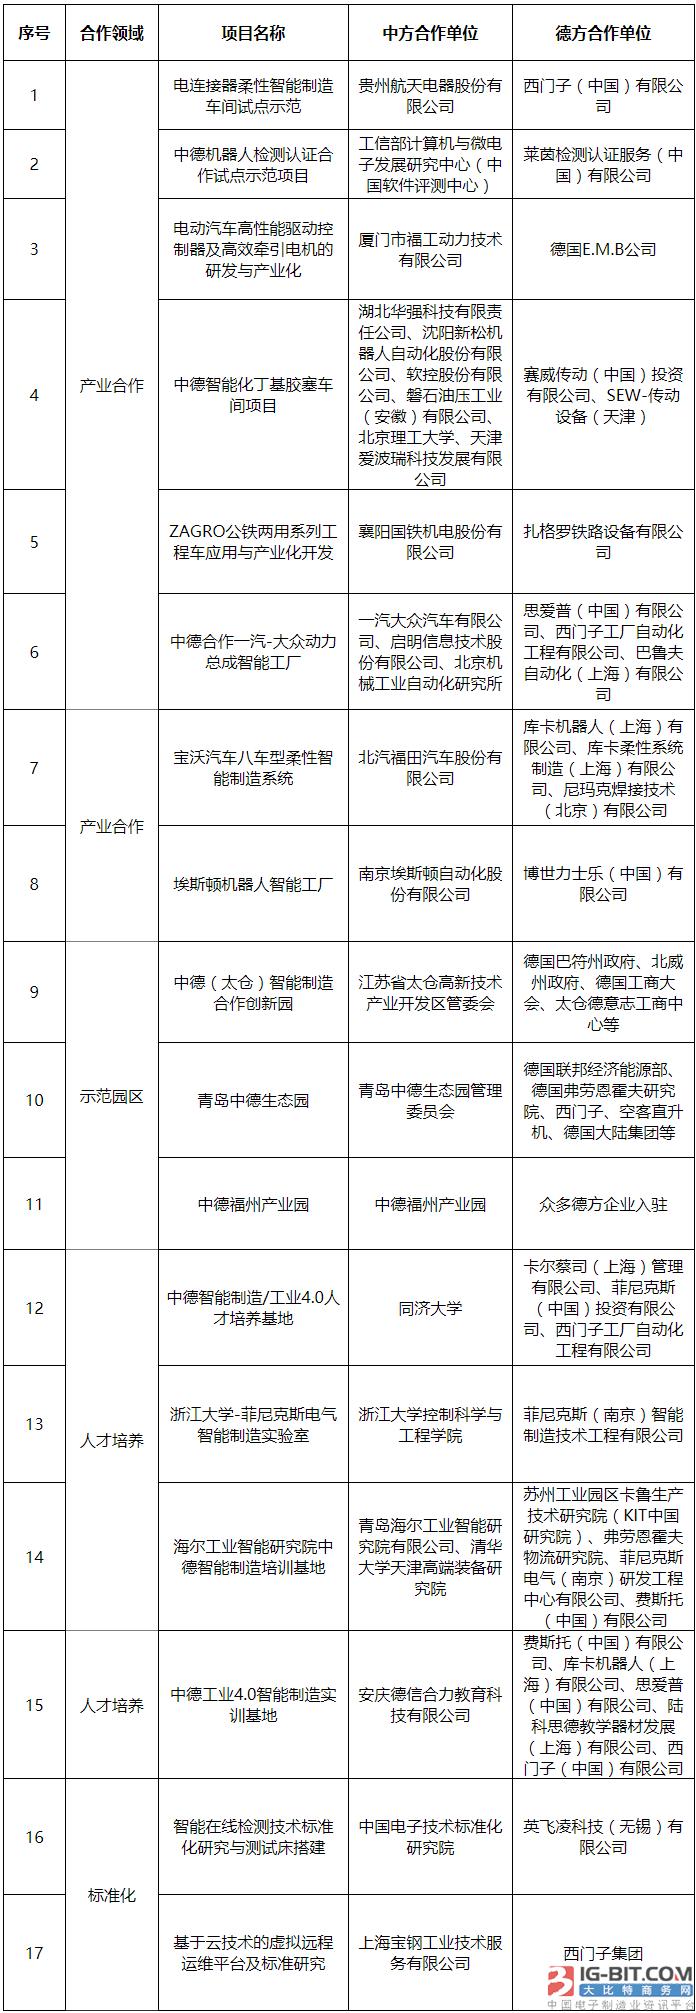 2017年中德智能制造合作试点示范项目名单公示